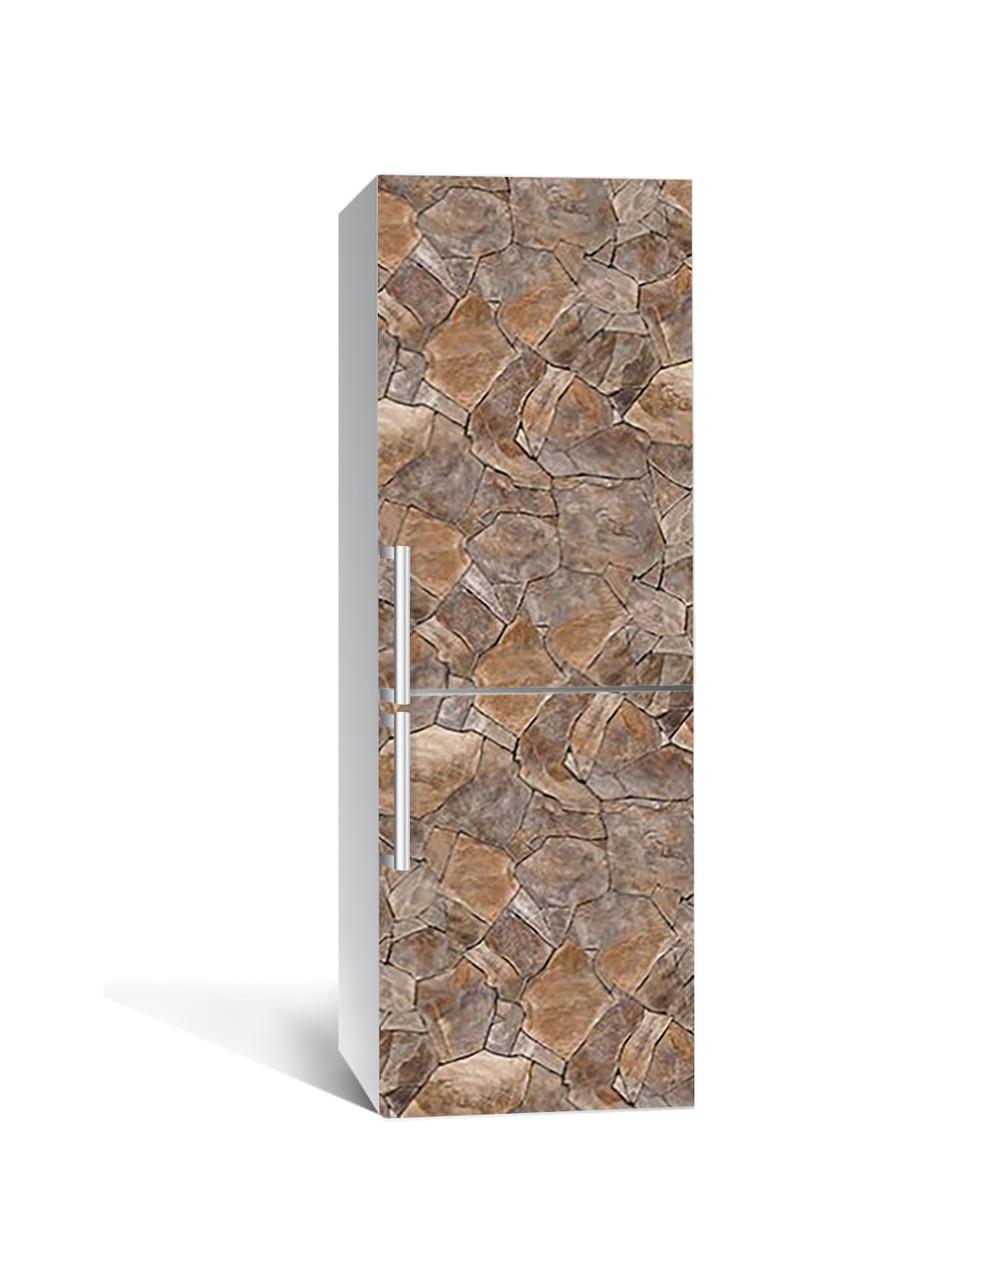 Вінілова наклейка на холодильник 3Д Дикий Камінь Мозаїка (плівка ПВХ фотодрук) 65*200см Текстура Коричневий